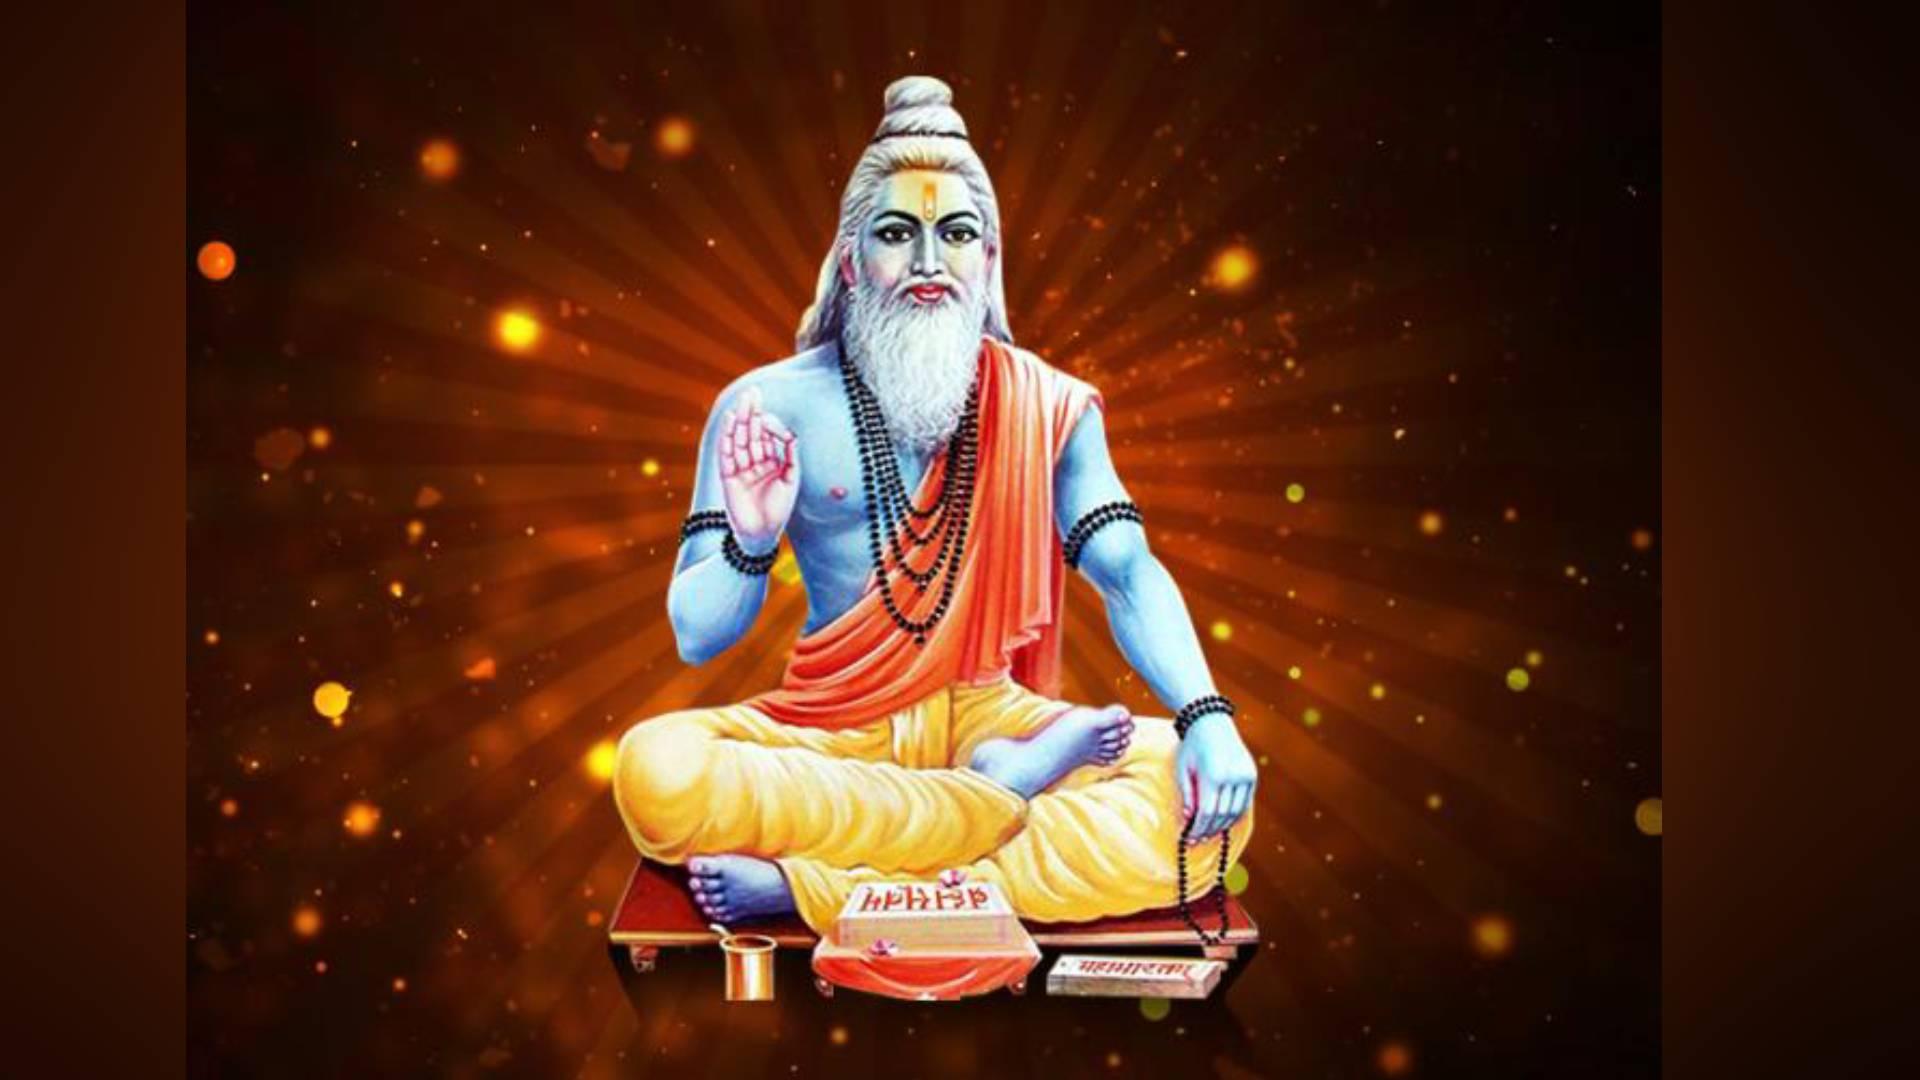 Guru Purnima: गुरु पूर्णिमा के दिन 149 साल बाद हो रहा है चंद्र ग्रहण, जानिए किन राशियों पर पड़ेगा अशुभ प्रभाव